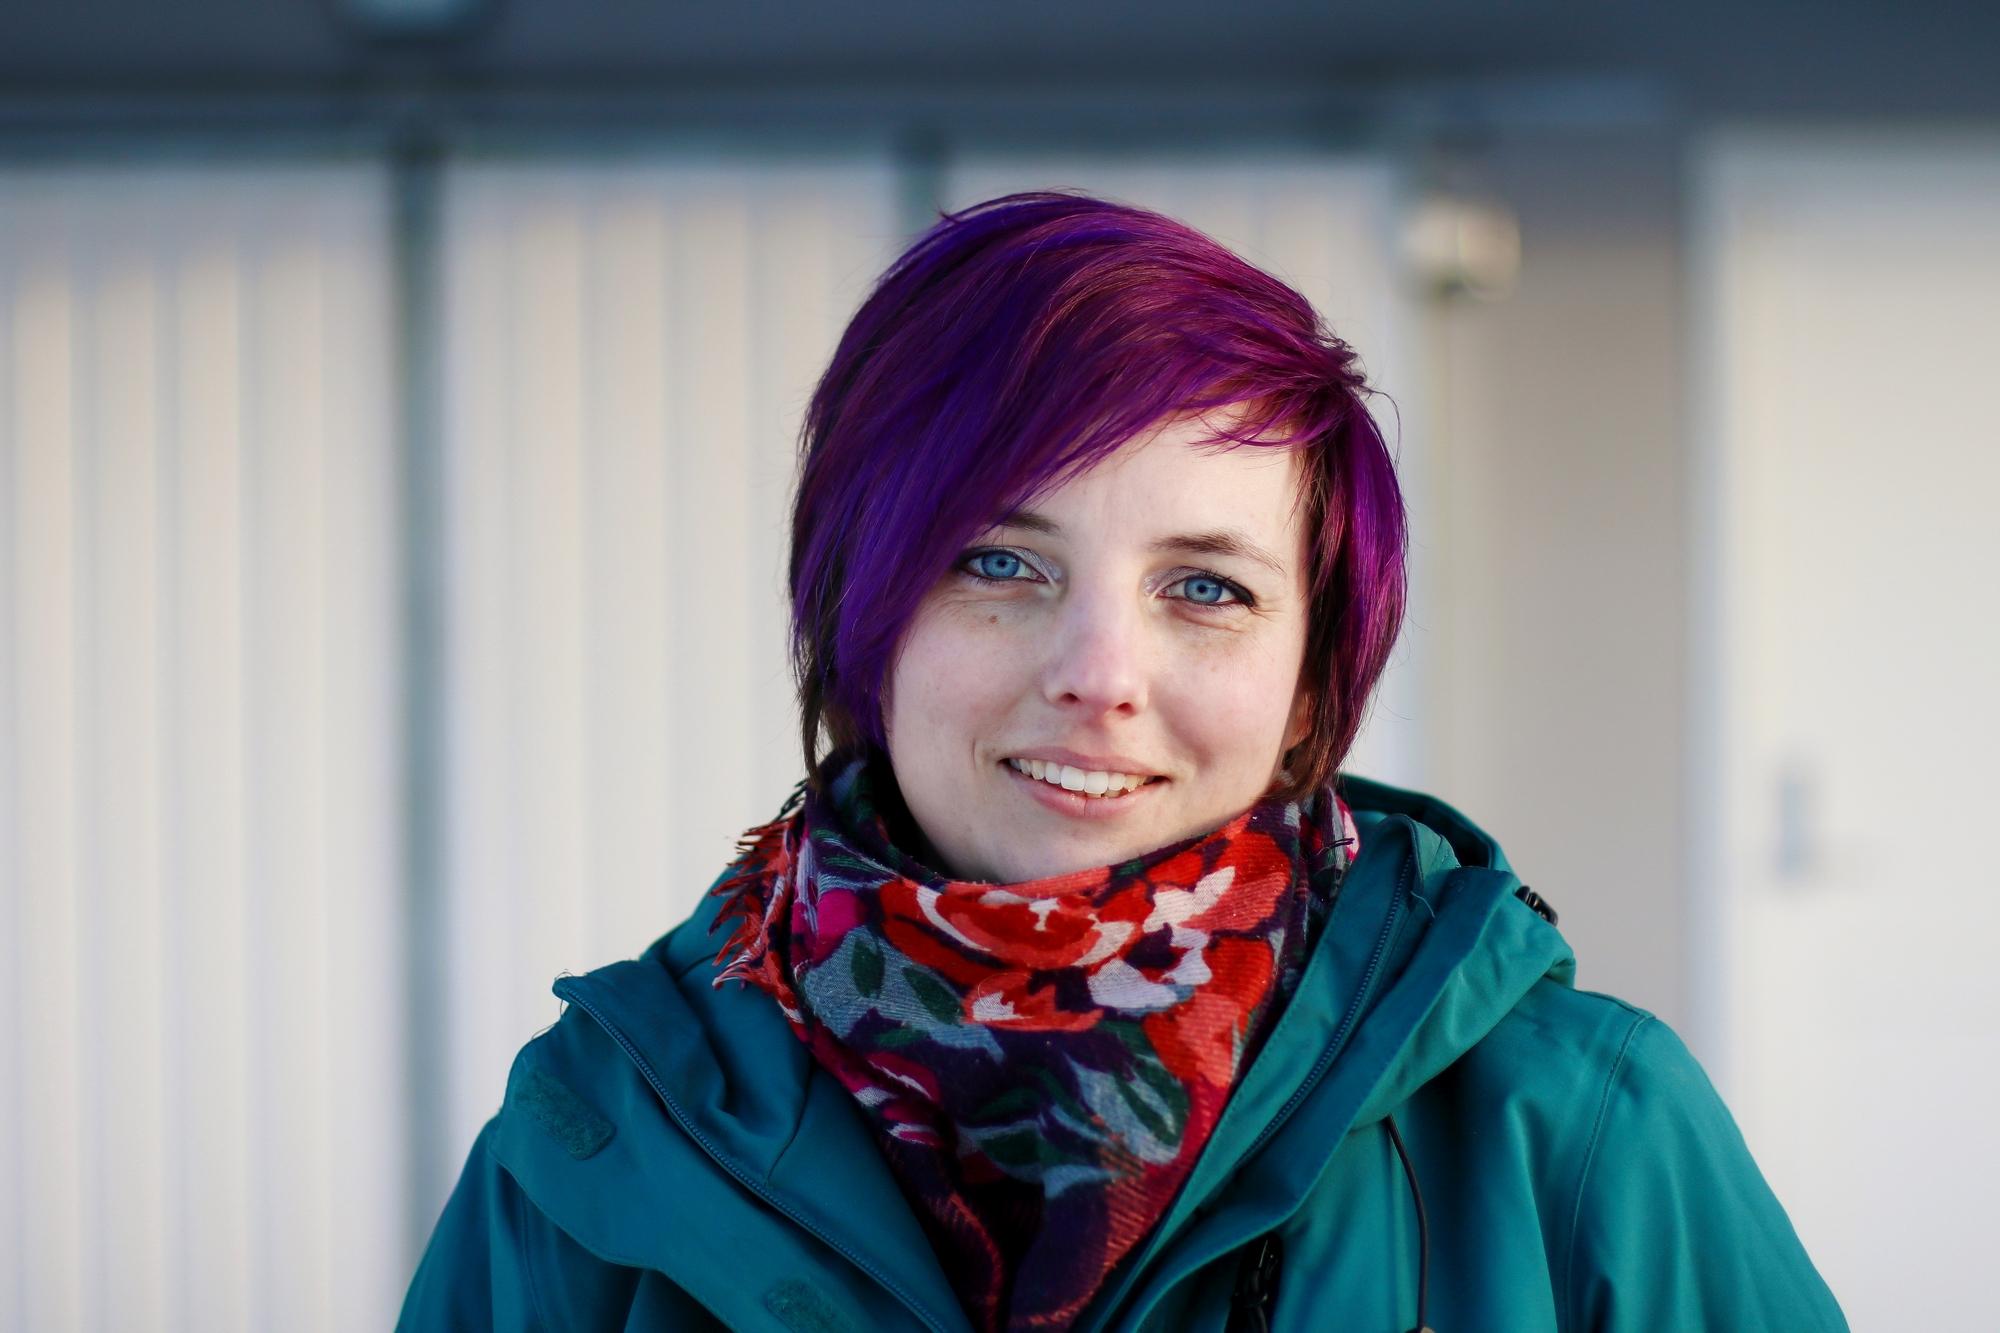 Anna-Maria Svedberg, etolog i företaget Etologica, hundkurser i Härnösand